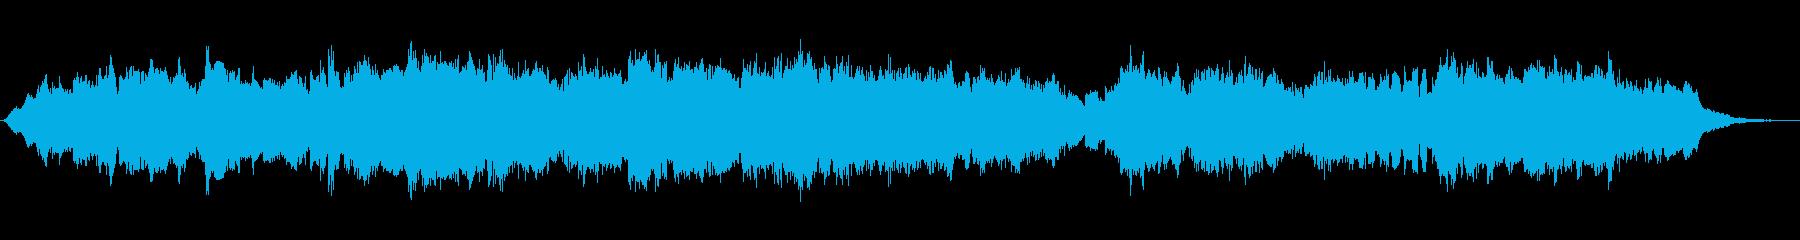 クラリネットとシンセのほのぼのジングルの再生済みの波形